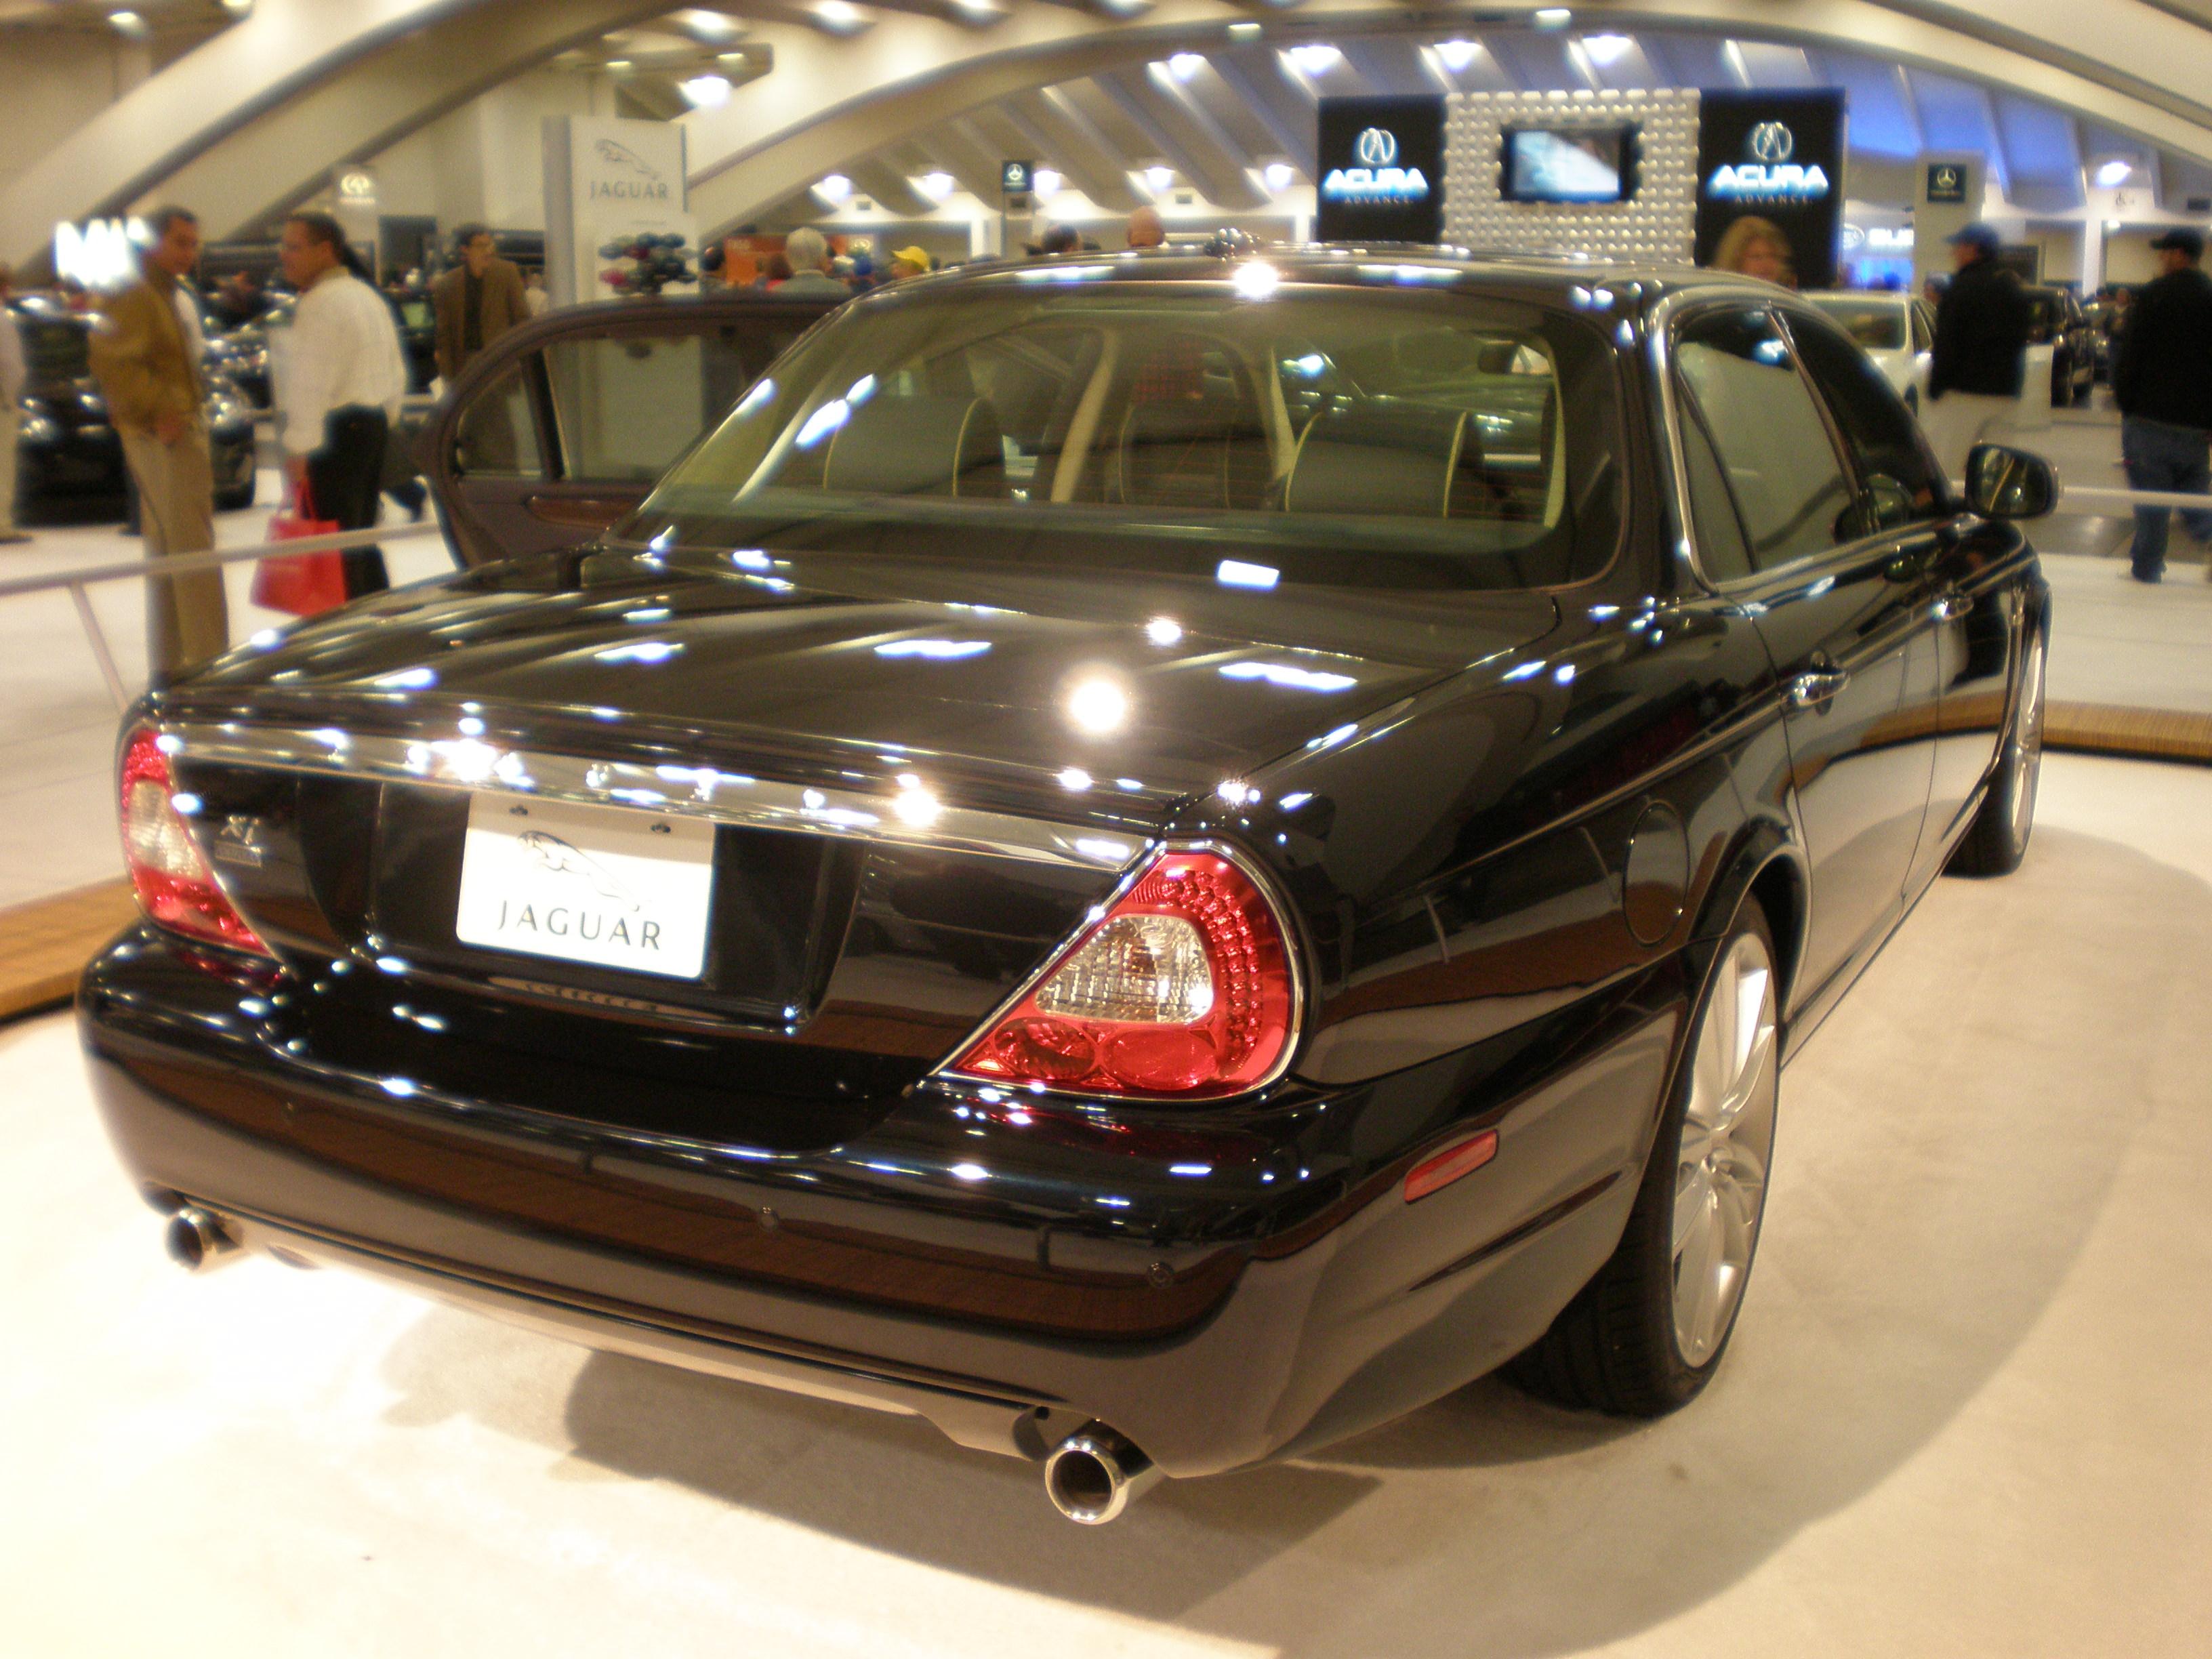 File:2009 Black Jaguar Super V8 Rear.JPG